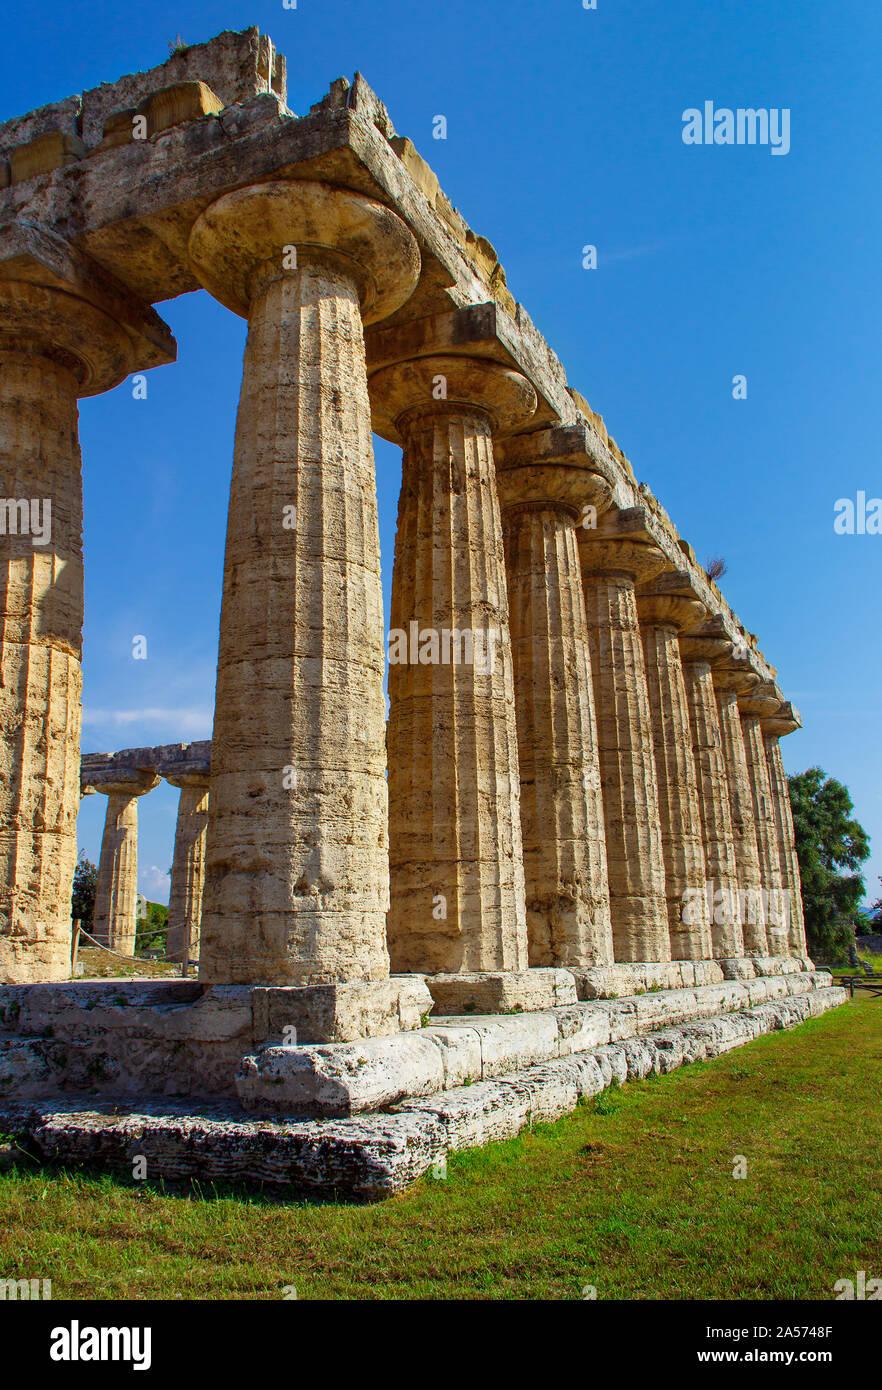 El templo griego de HERA II en el sitio arqueológico de Paestum (Poseidonia), Salerno, Campania, Italia Foto de stock